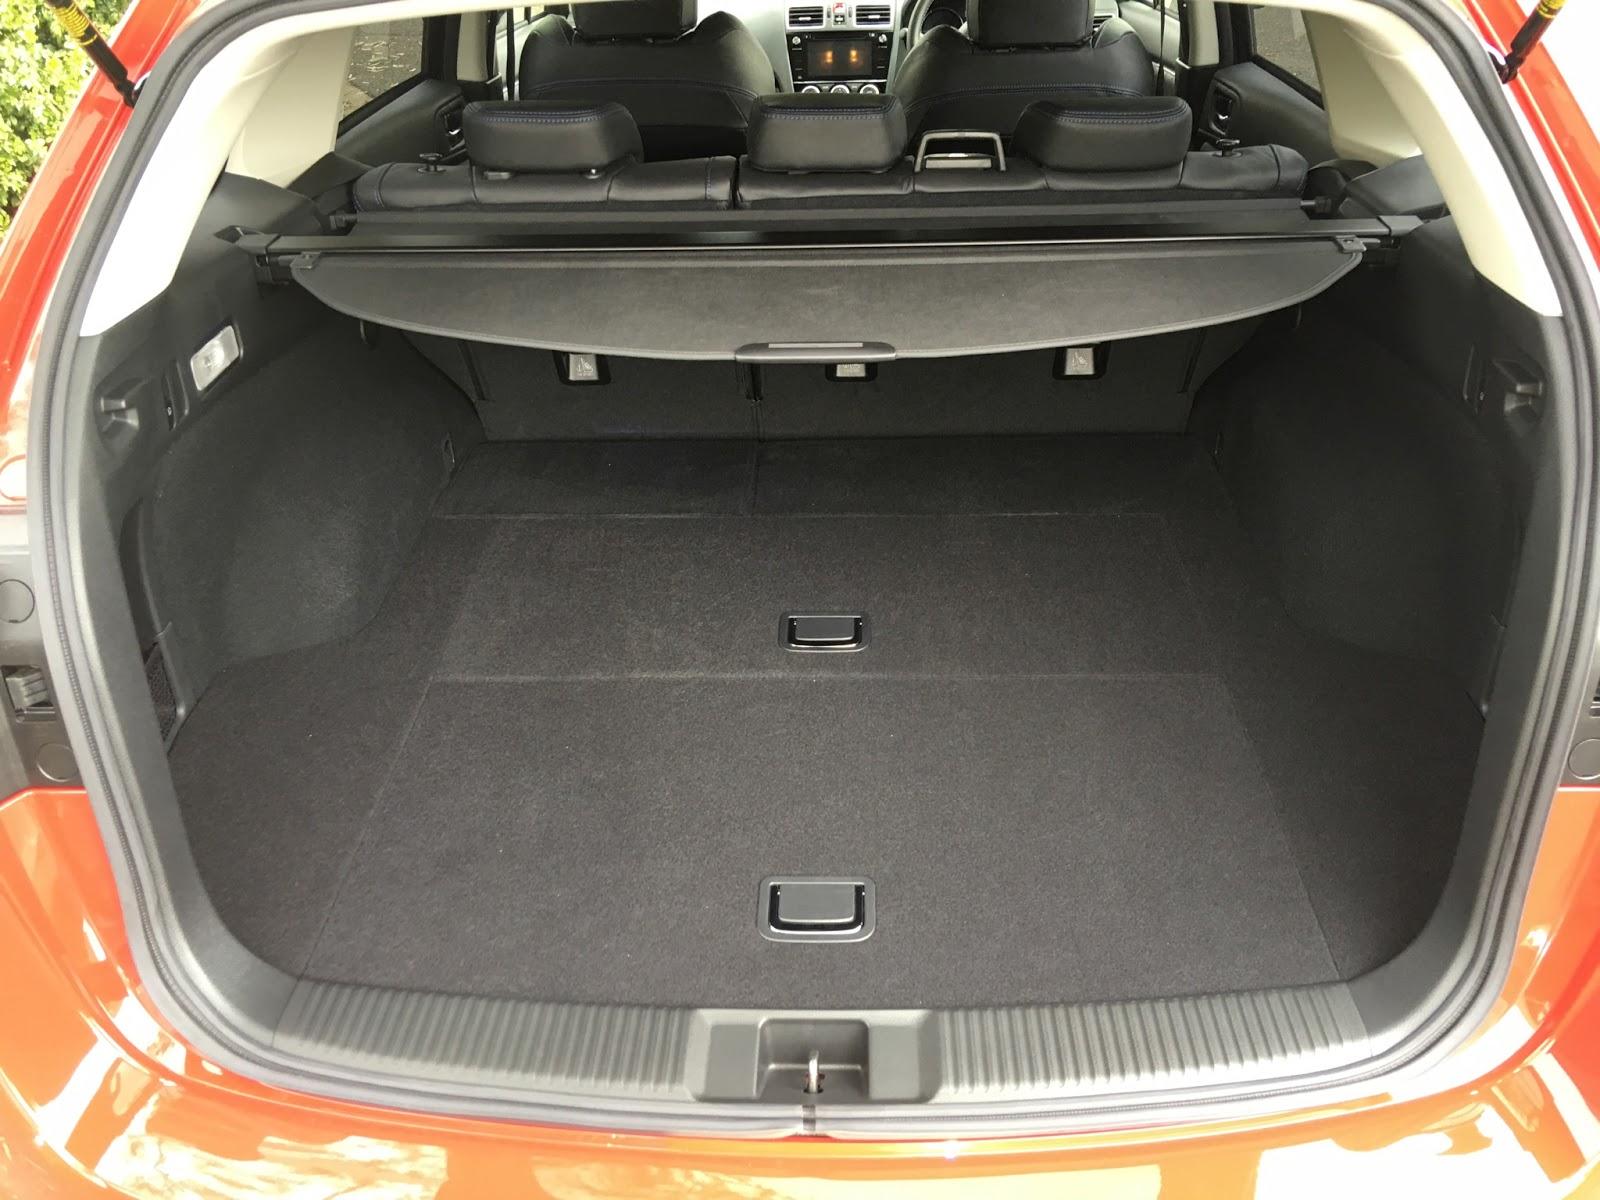 Khoang hành lý của Subaru Levorg 2017 rất rộng, có thể hạ hàng ghế thứ hai xuống để rộng hơn